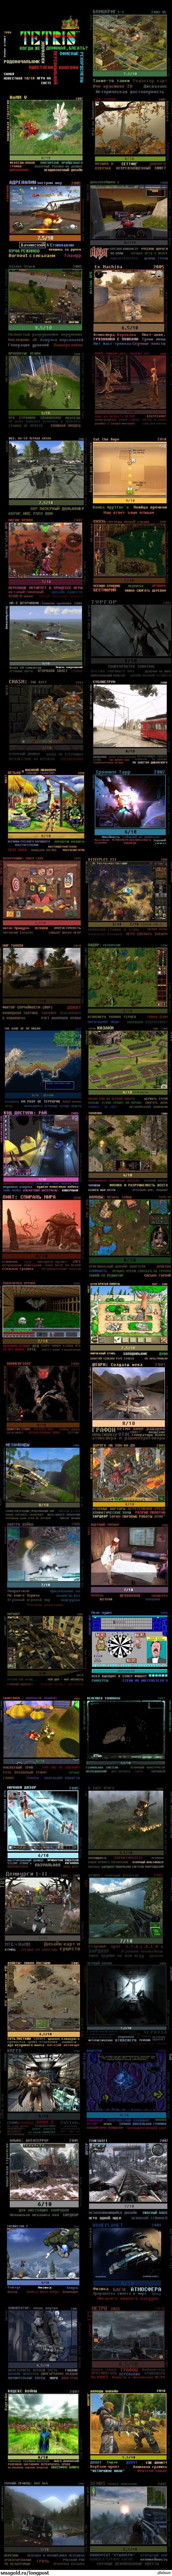 Список более-менее годных игр, разработанных православными игроделами. Часть 1. Запилил длиннопост, ибо картинка 4к на 4к на Пикабу нормально загружаться не хочет.